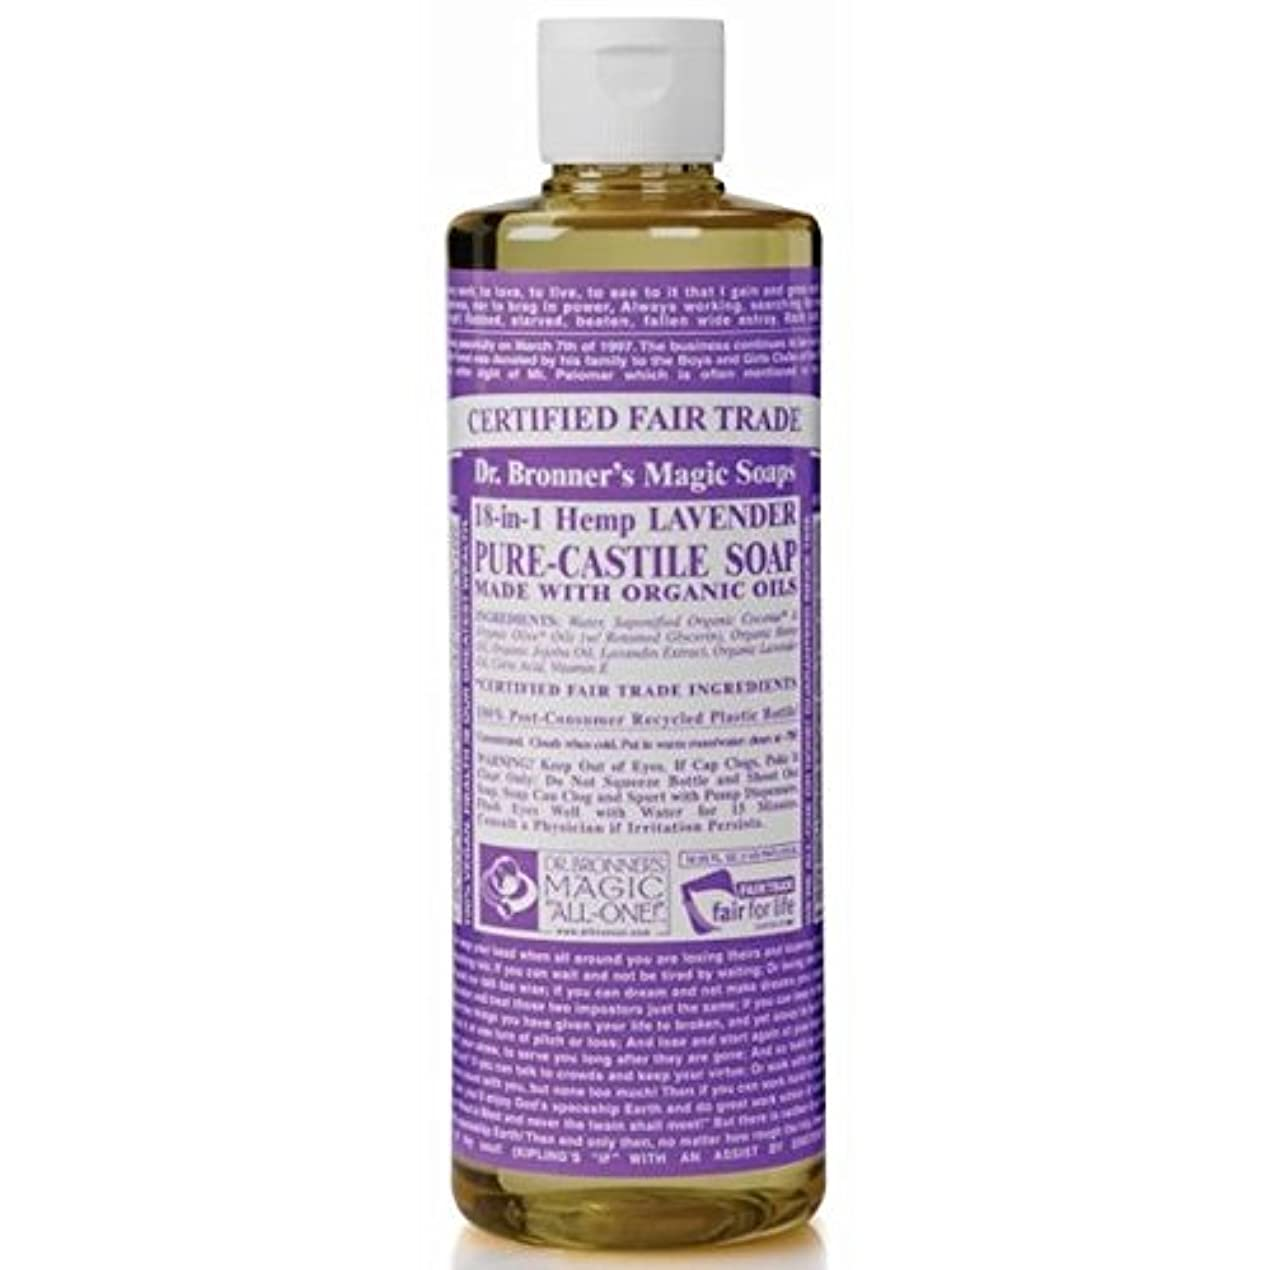 ヨーグルト平等悔い改めDr Bronner Organic Lavender Castile Liquid Soap 237ml - のブロナー有機ラベンダーカスティーリャ液体石鹸237ミリリットル [並行輸入品]